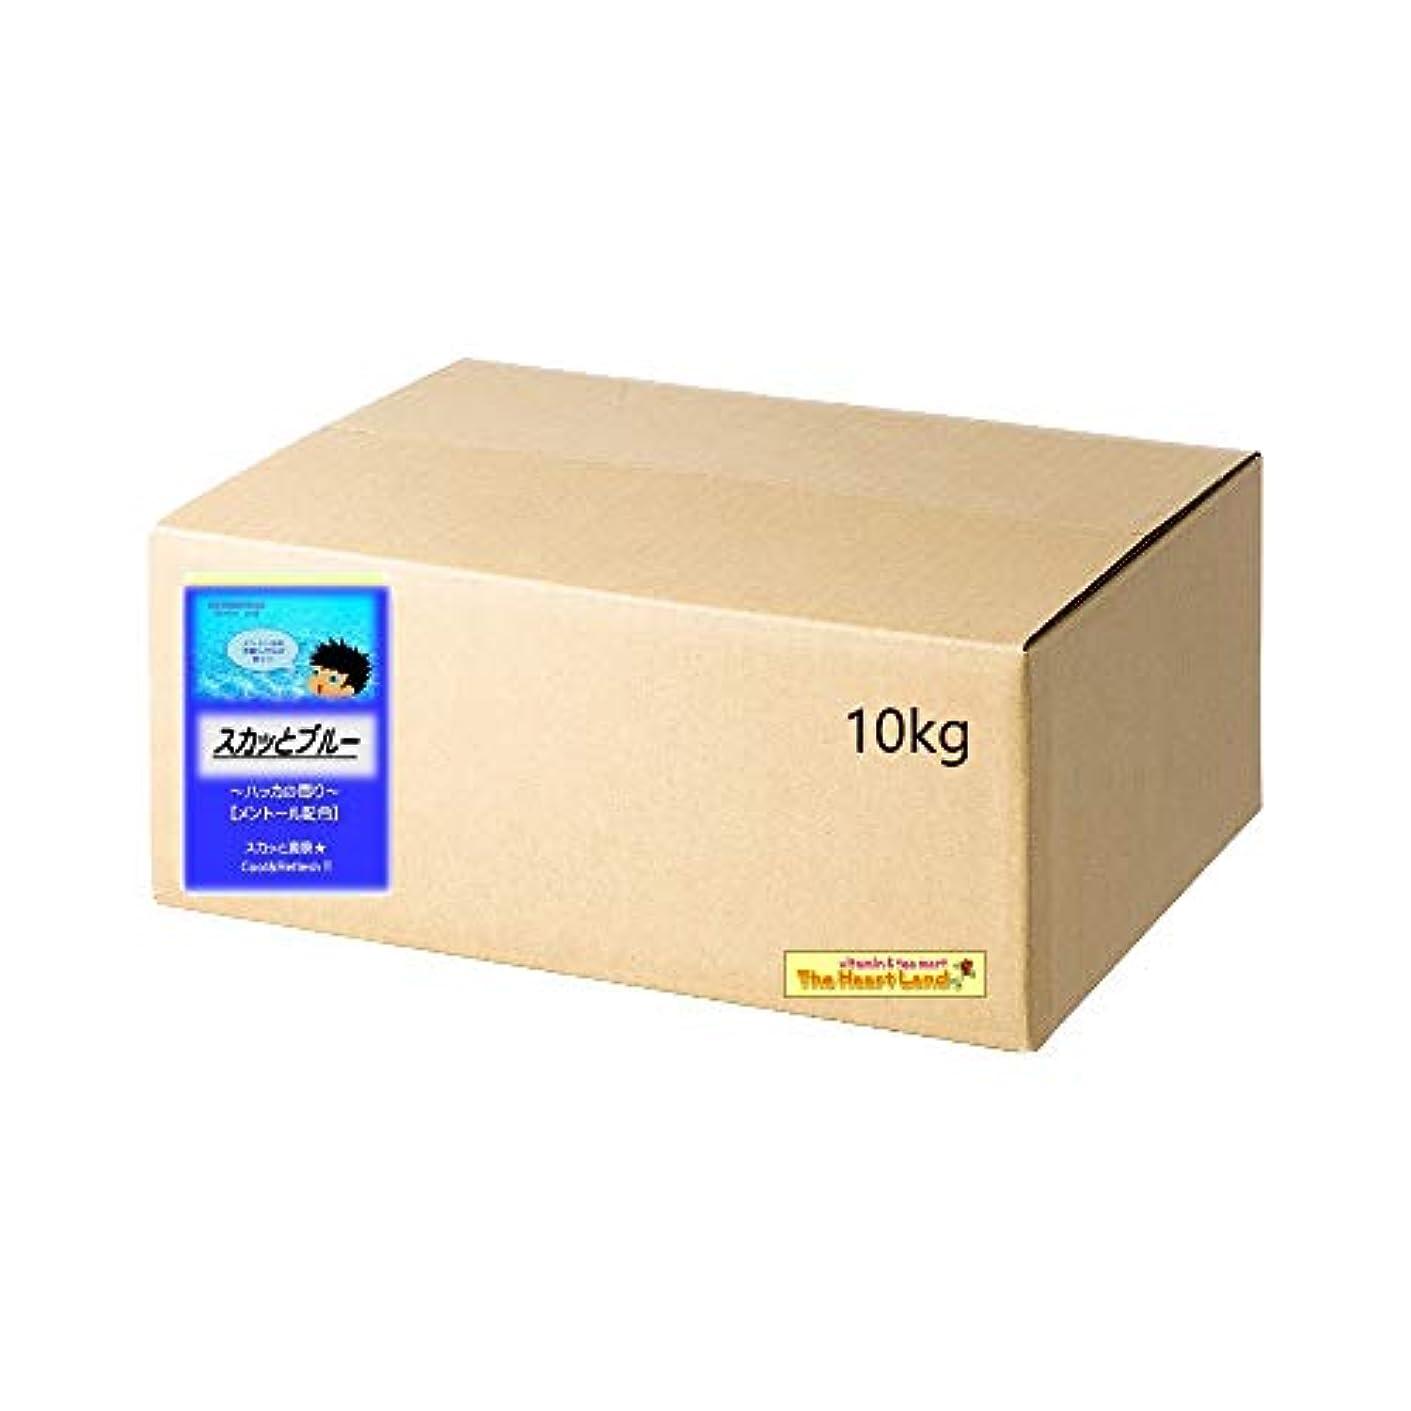 基本的な群衆消毒剤アサヒ入浴剤 浴用入浴化粧品 スカッとブルー 10kg